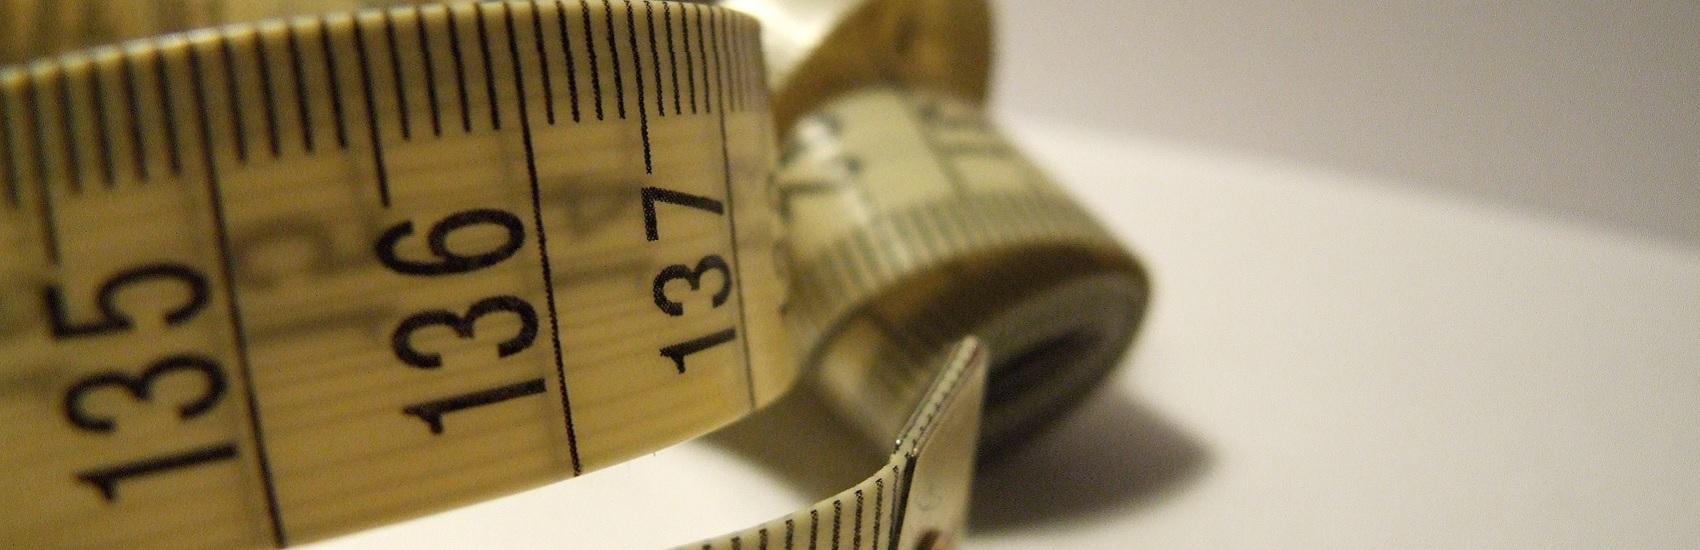 En busca del post perfecto: ¿cuál es tu justa medida?